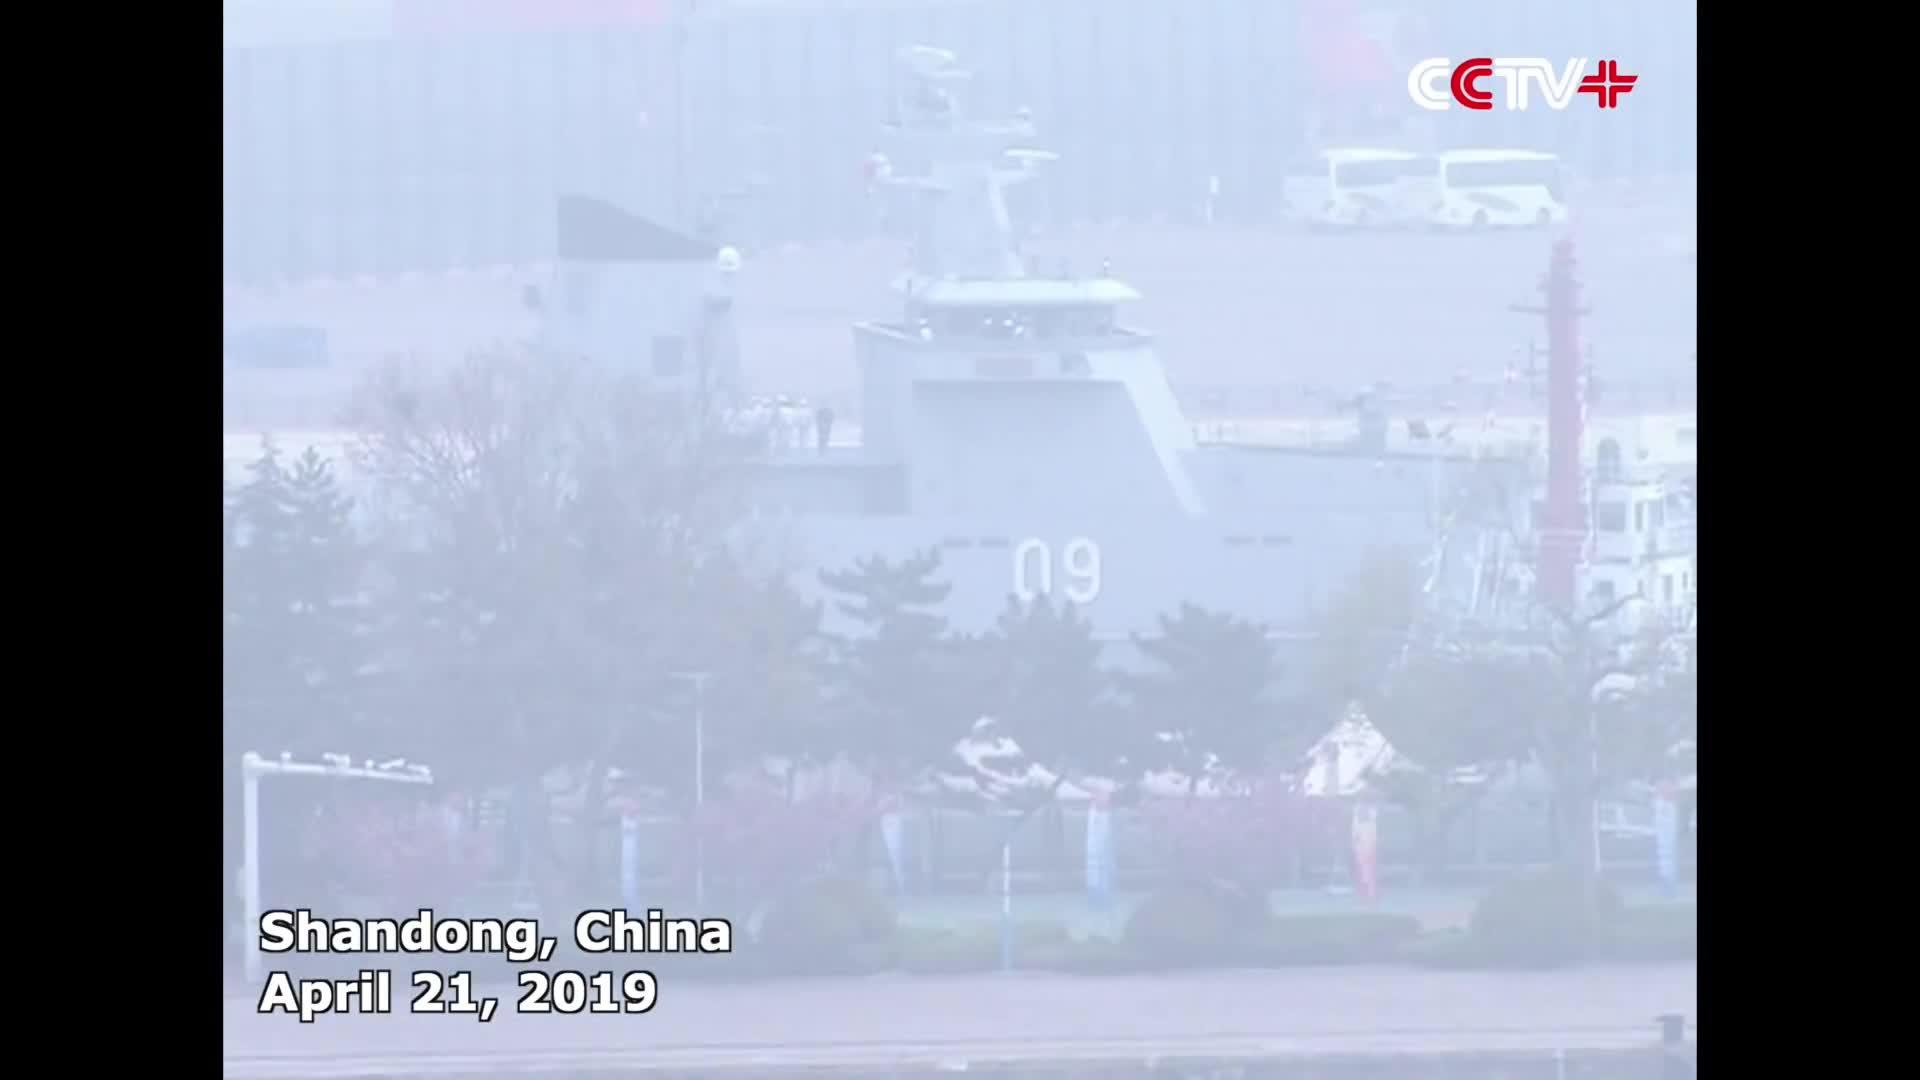 Tàu chiến từ 6 quốc gia tới Thanh Đảo tham gia lễ kỷ niệm 70 năm thành lập Hải quân Trung Quốc